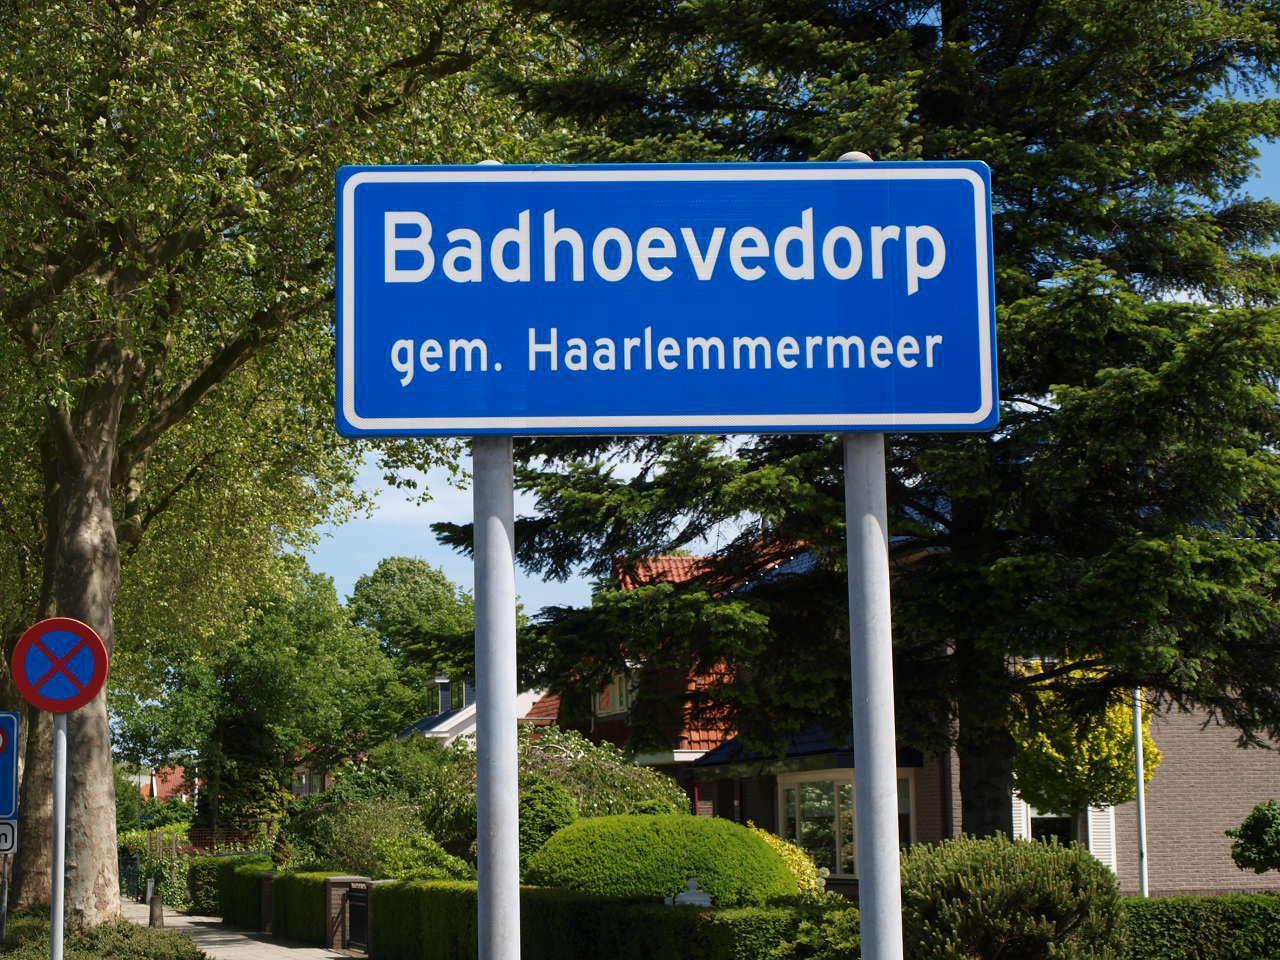 'Badhoevedorp heeft naast villa's ook armoede'